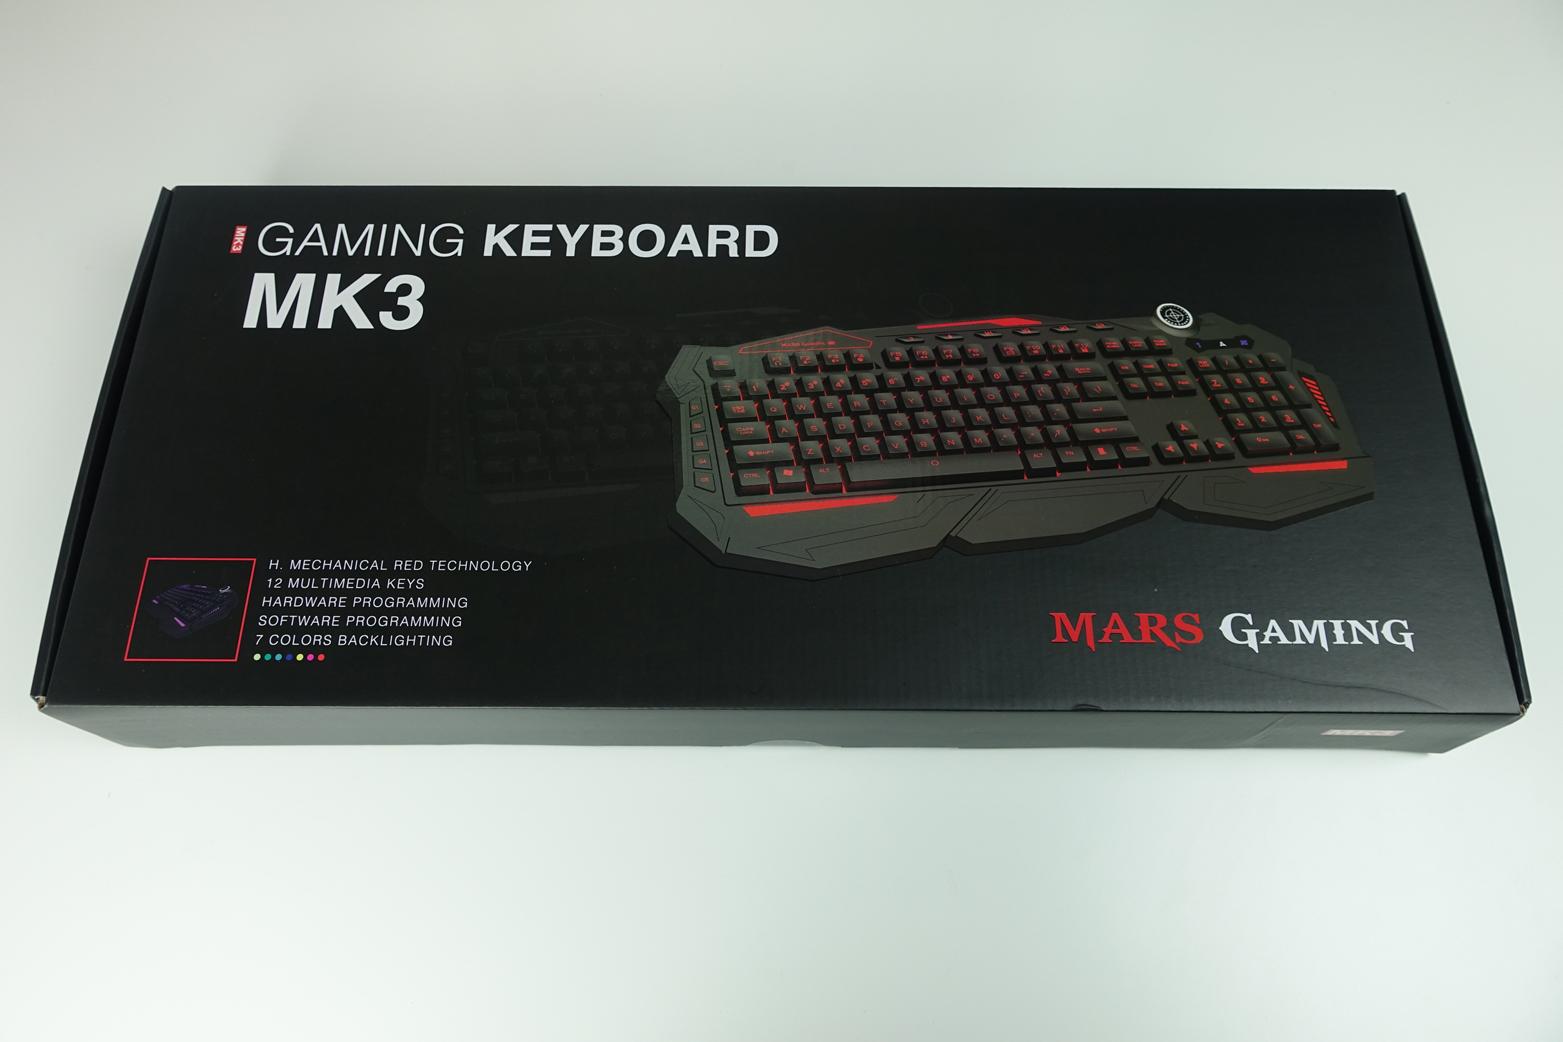 Teclado MK3 de Mars Gaming